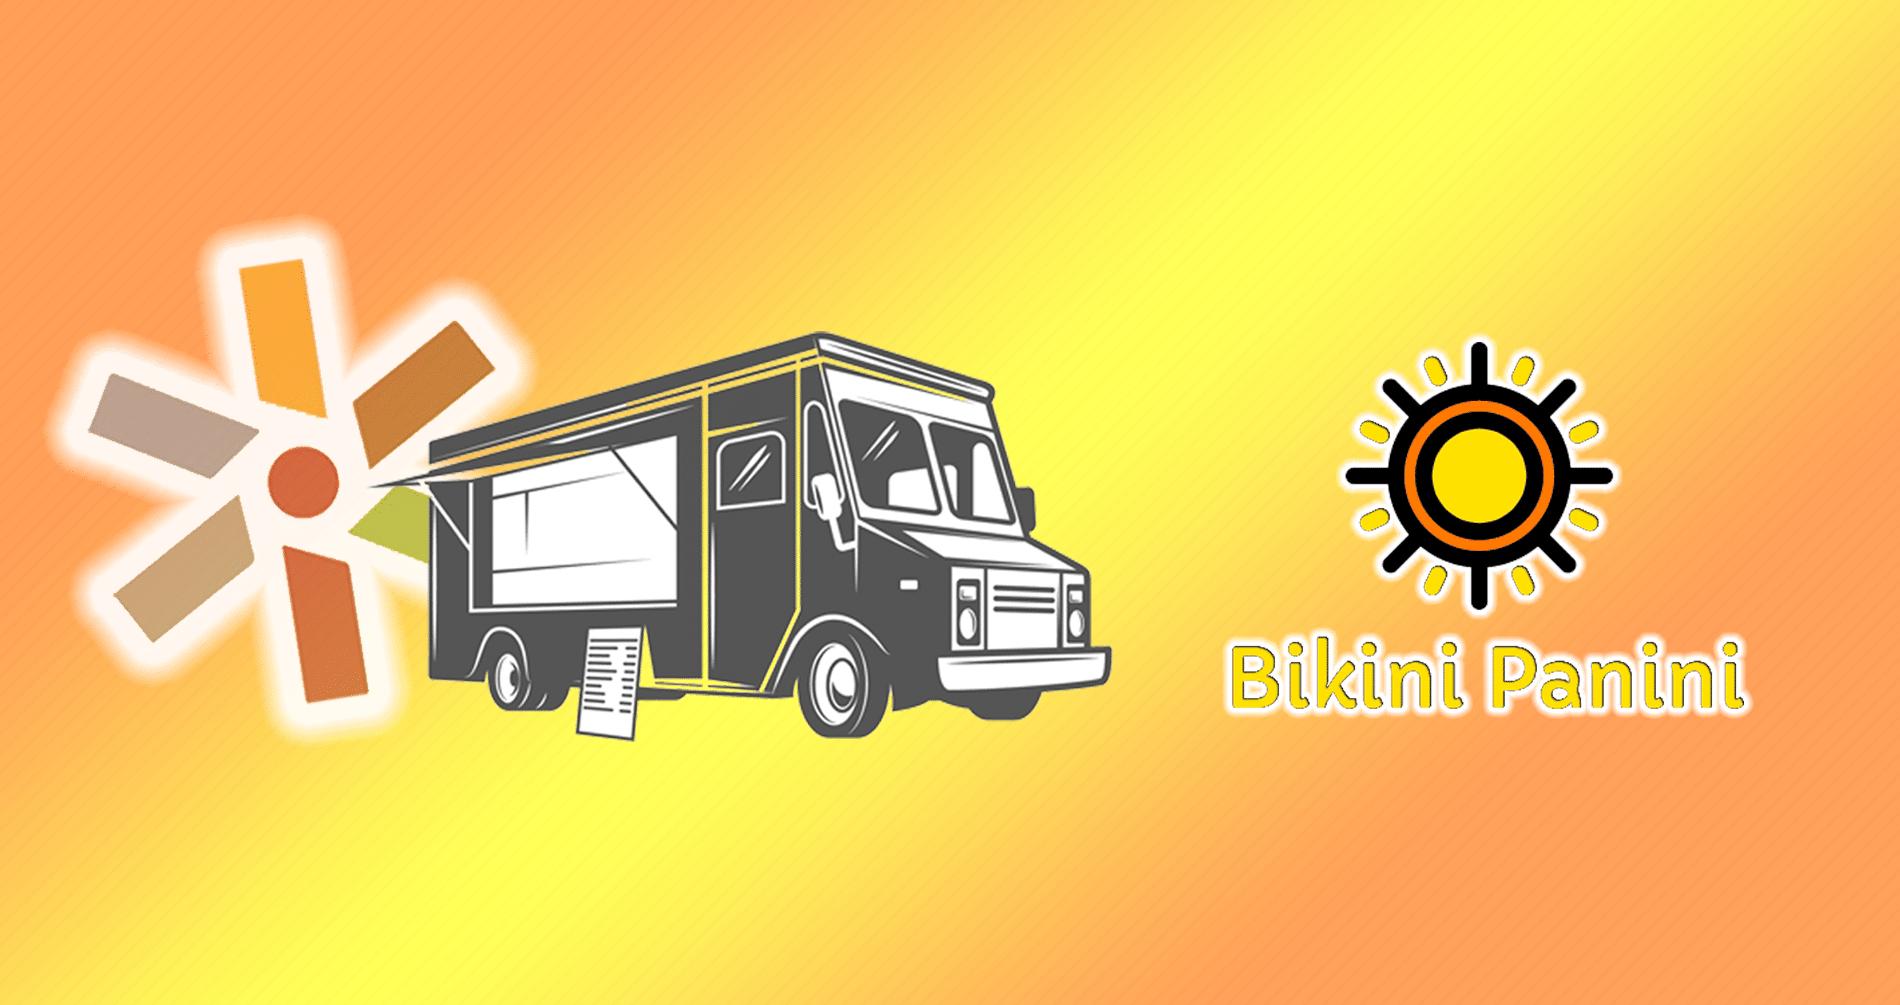 food truck icon with call federal logo and bikini panini logo